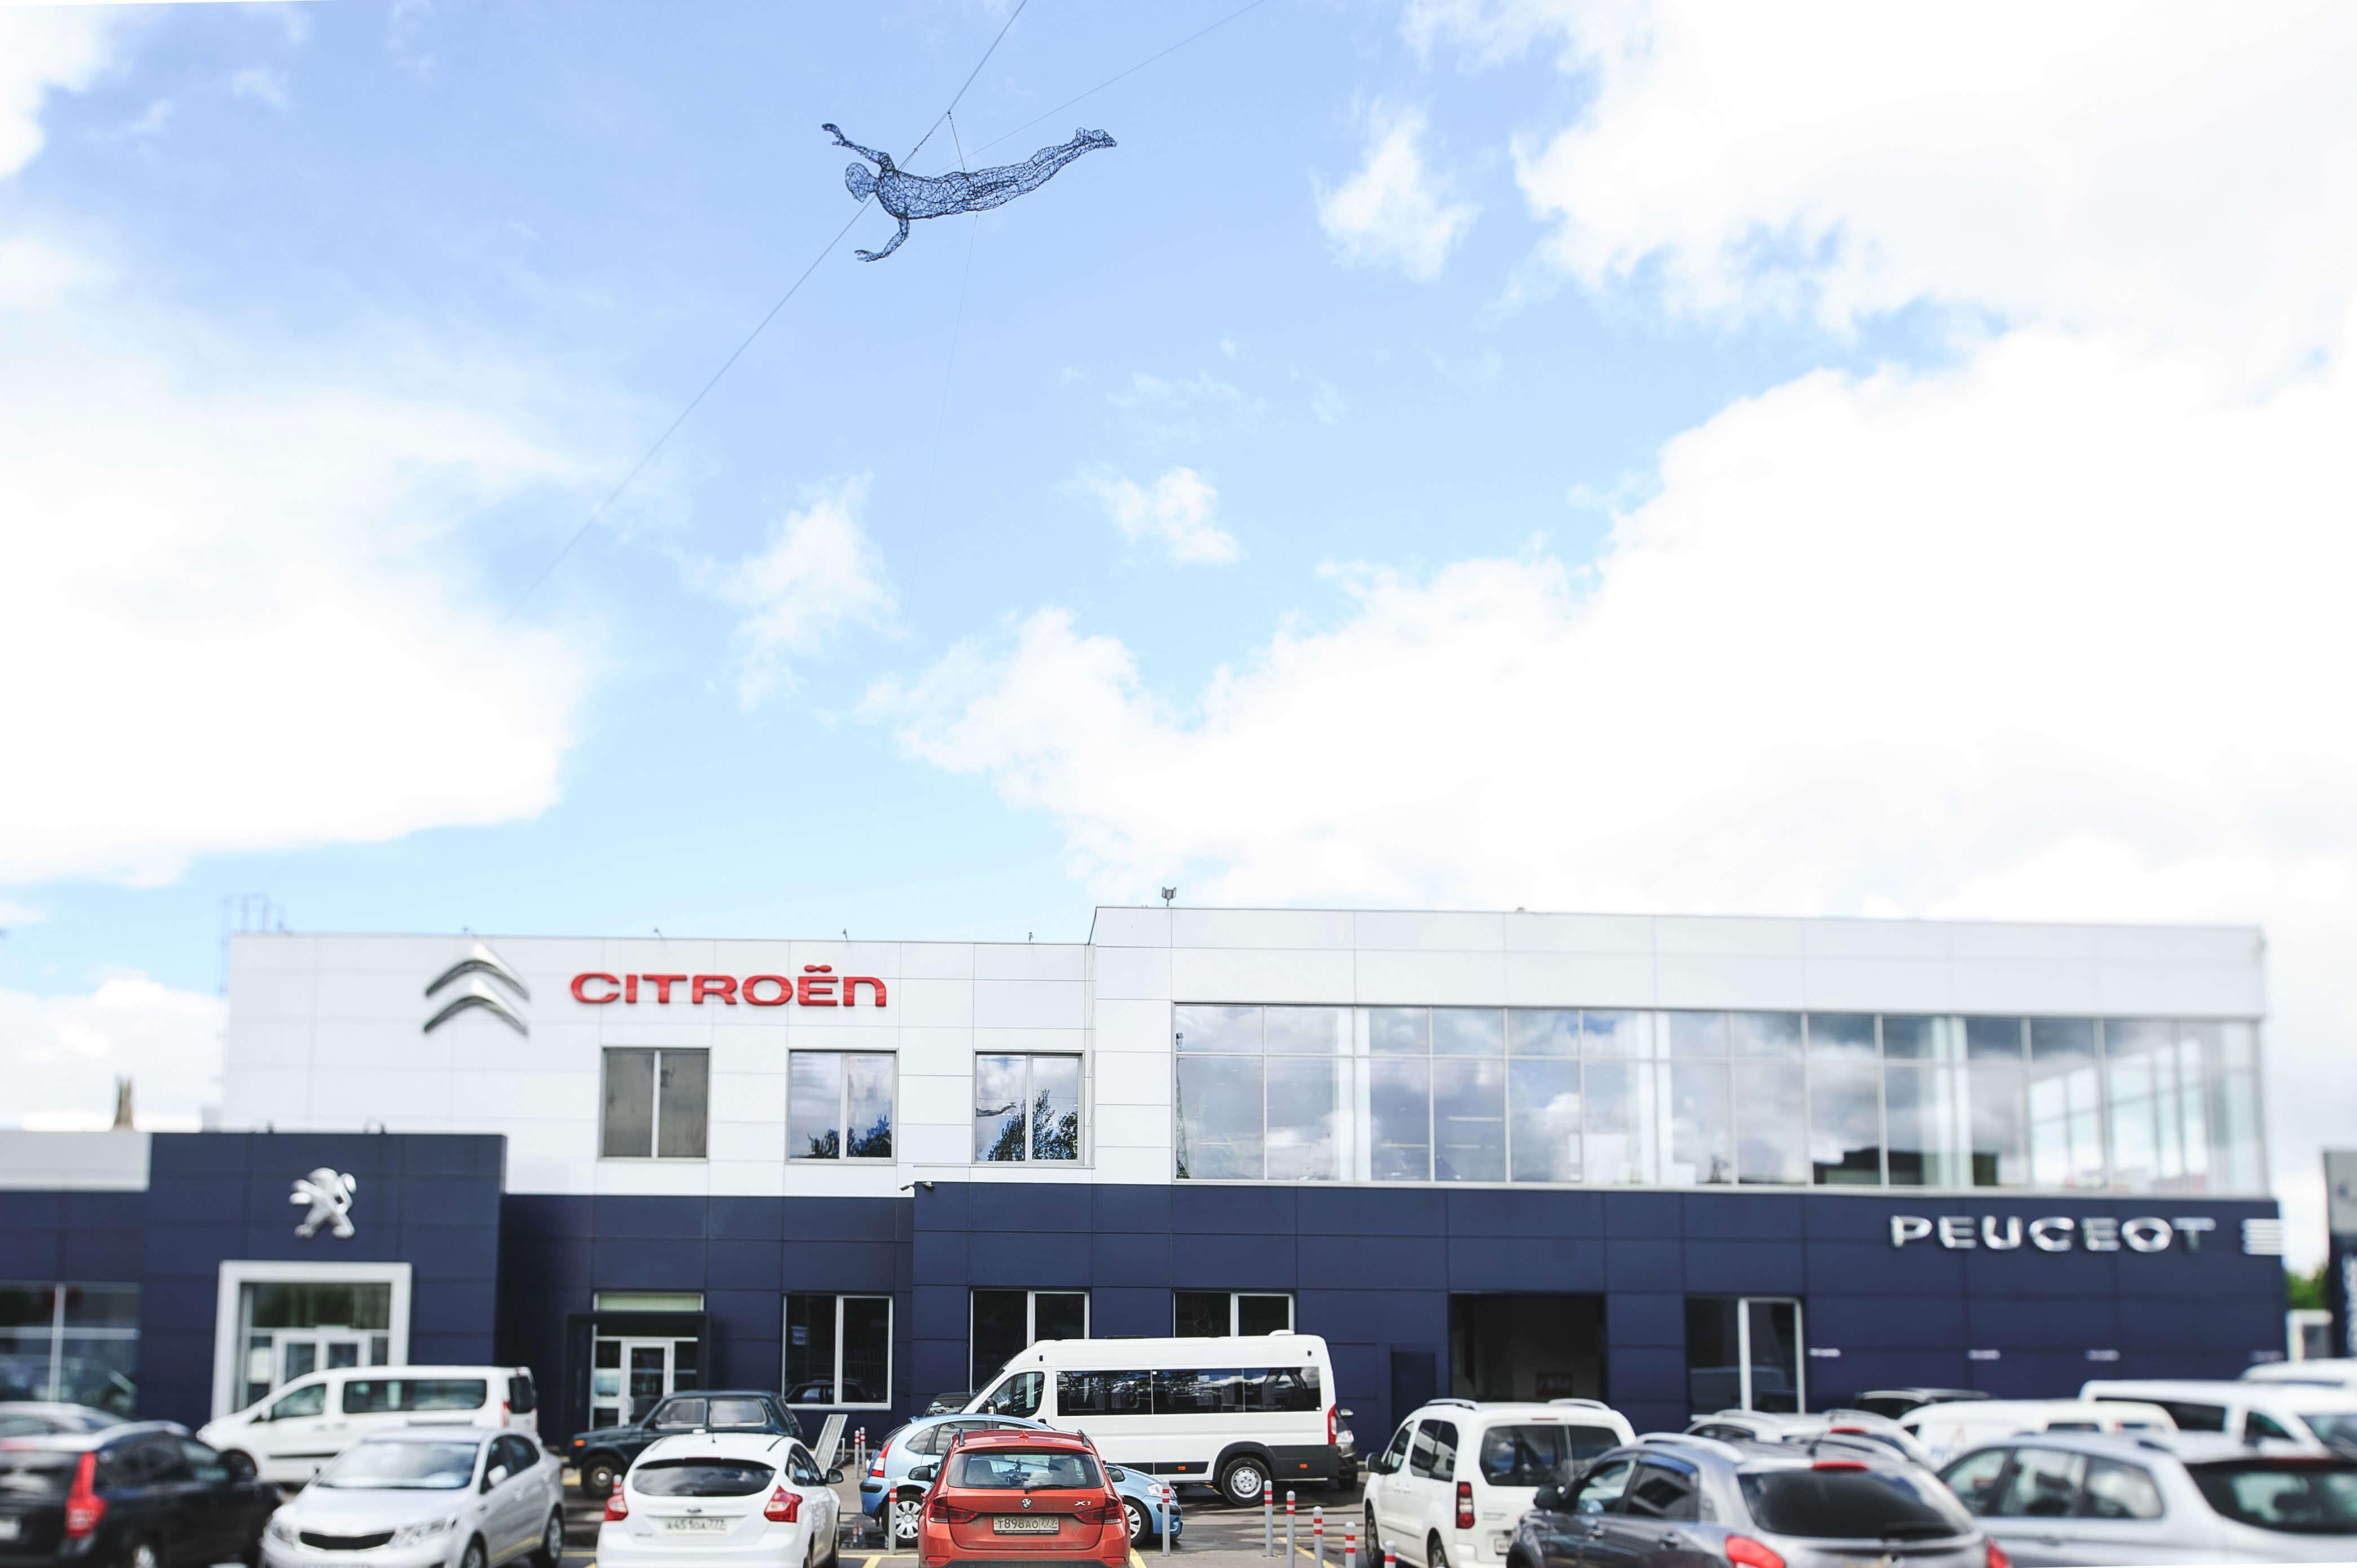 Ситроен сервис   Ремонт и обслуживание автомобилей Citroen в Москве ... 03b0b4fd351